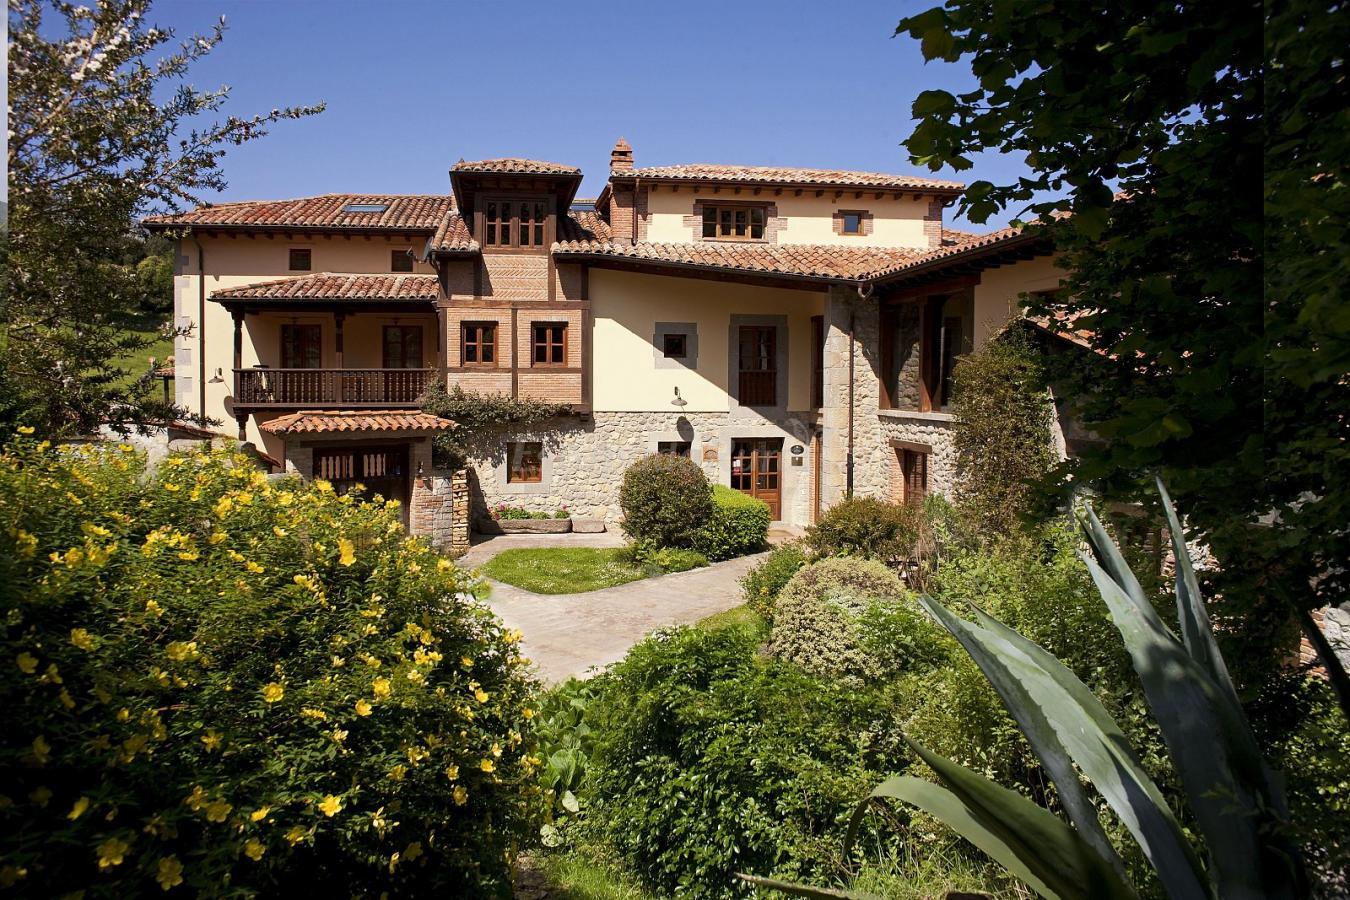 Fotos de hotel arredondo casa rural en llanes asturias - Casas vacaciones asturias ...